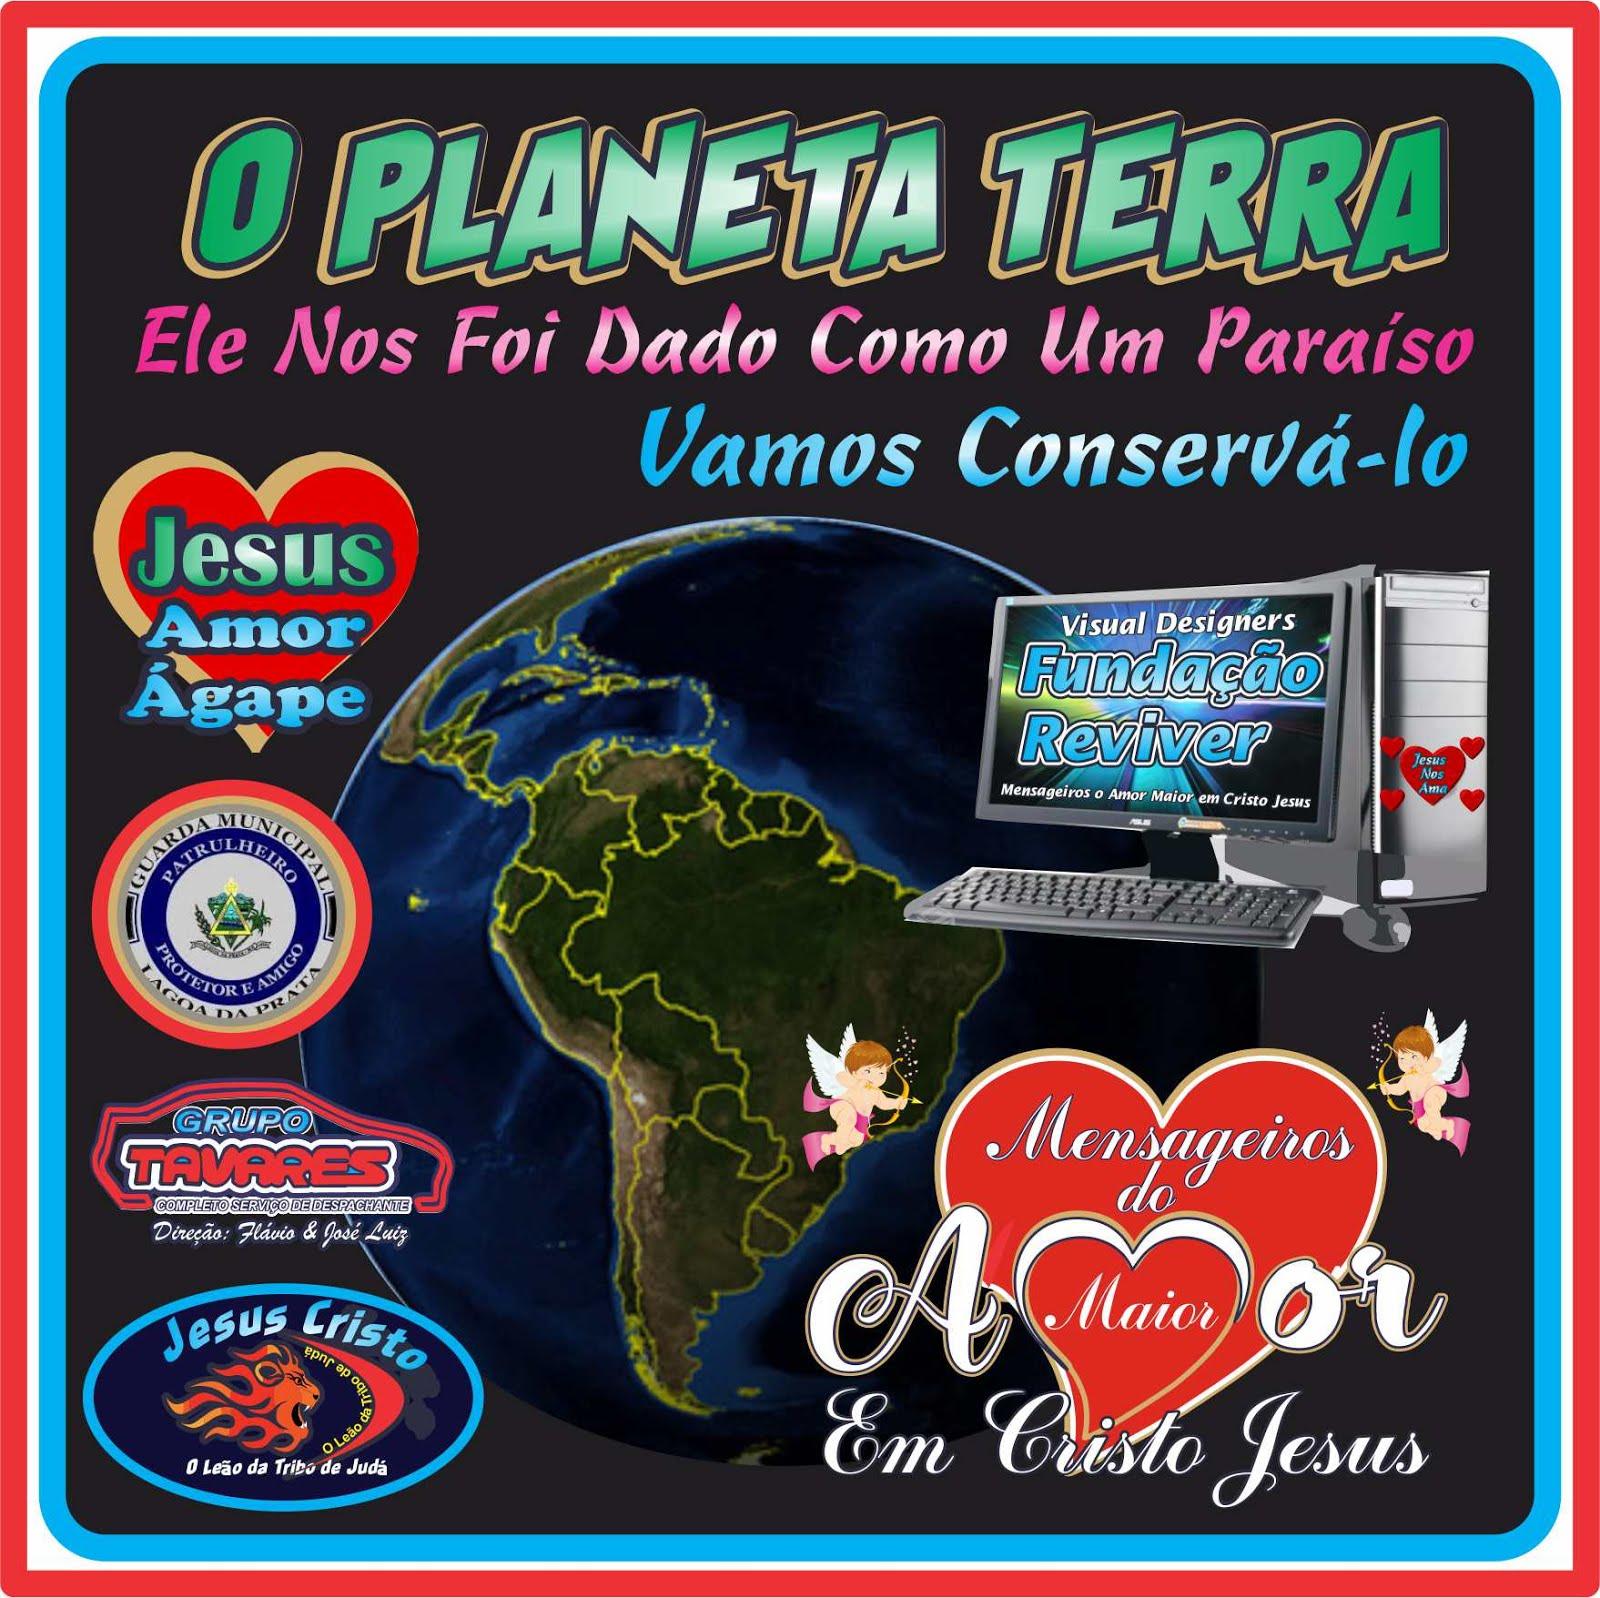 O Planeta  Vamos Cuidar de Nosso Planeta e Conservá-lo